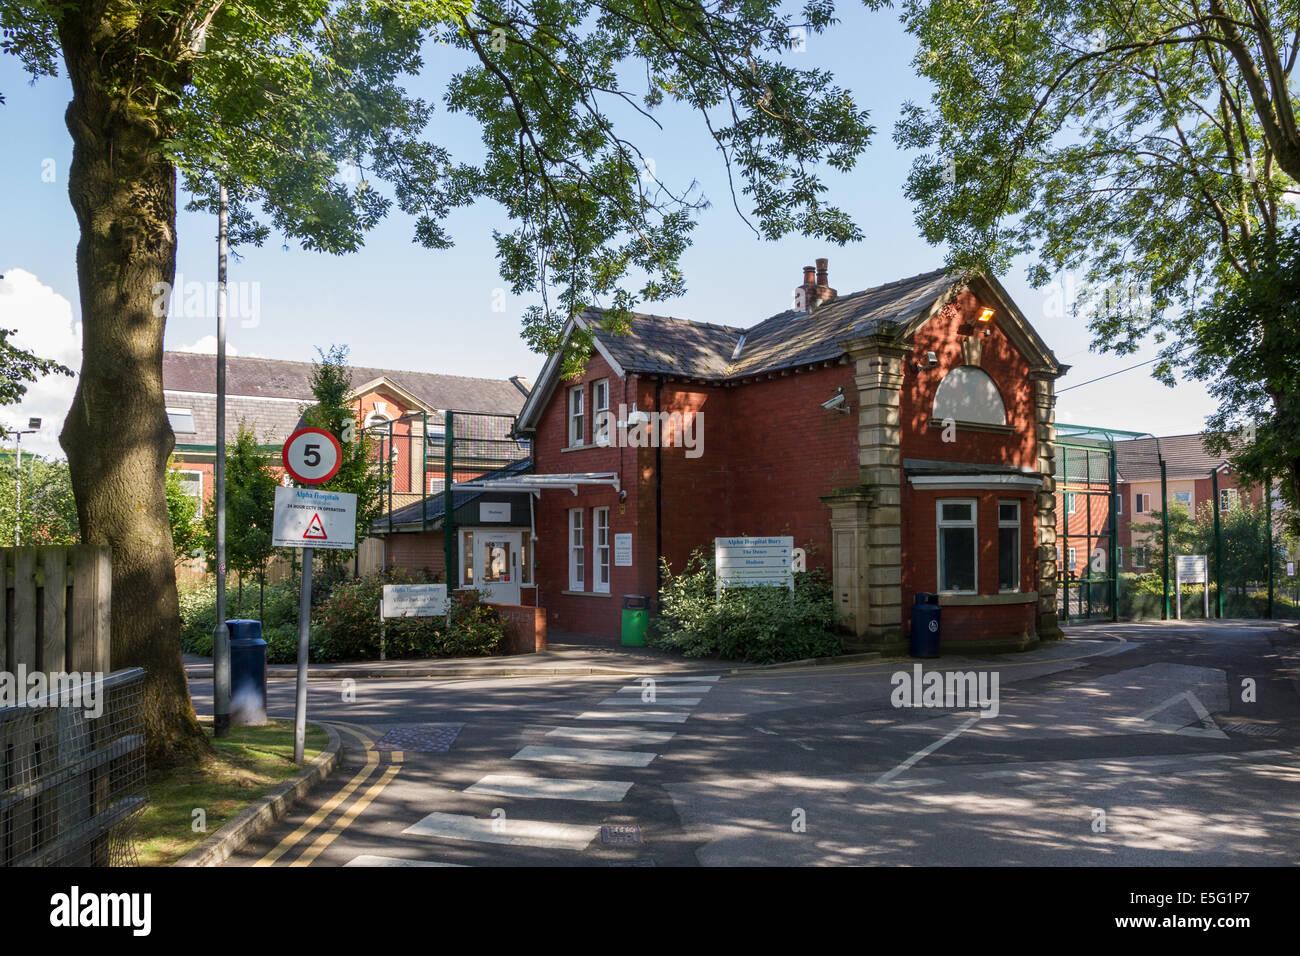 Les soins de santé mentale Alpha private hospital à Bury, Lancashire Photo Stock